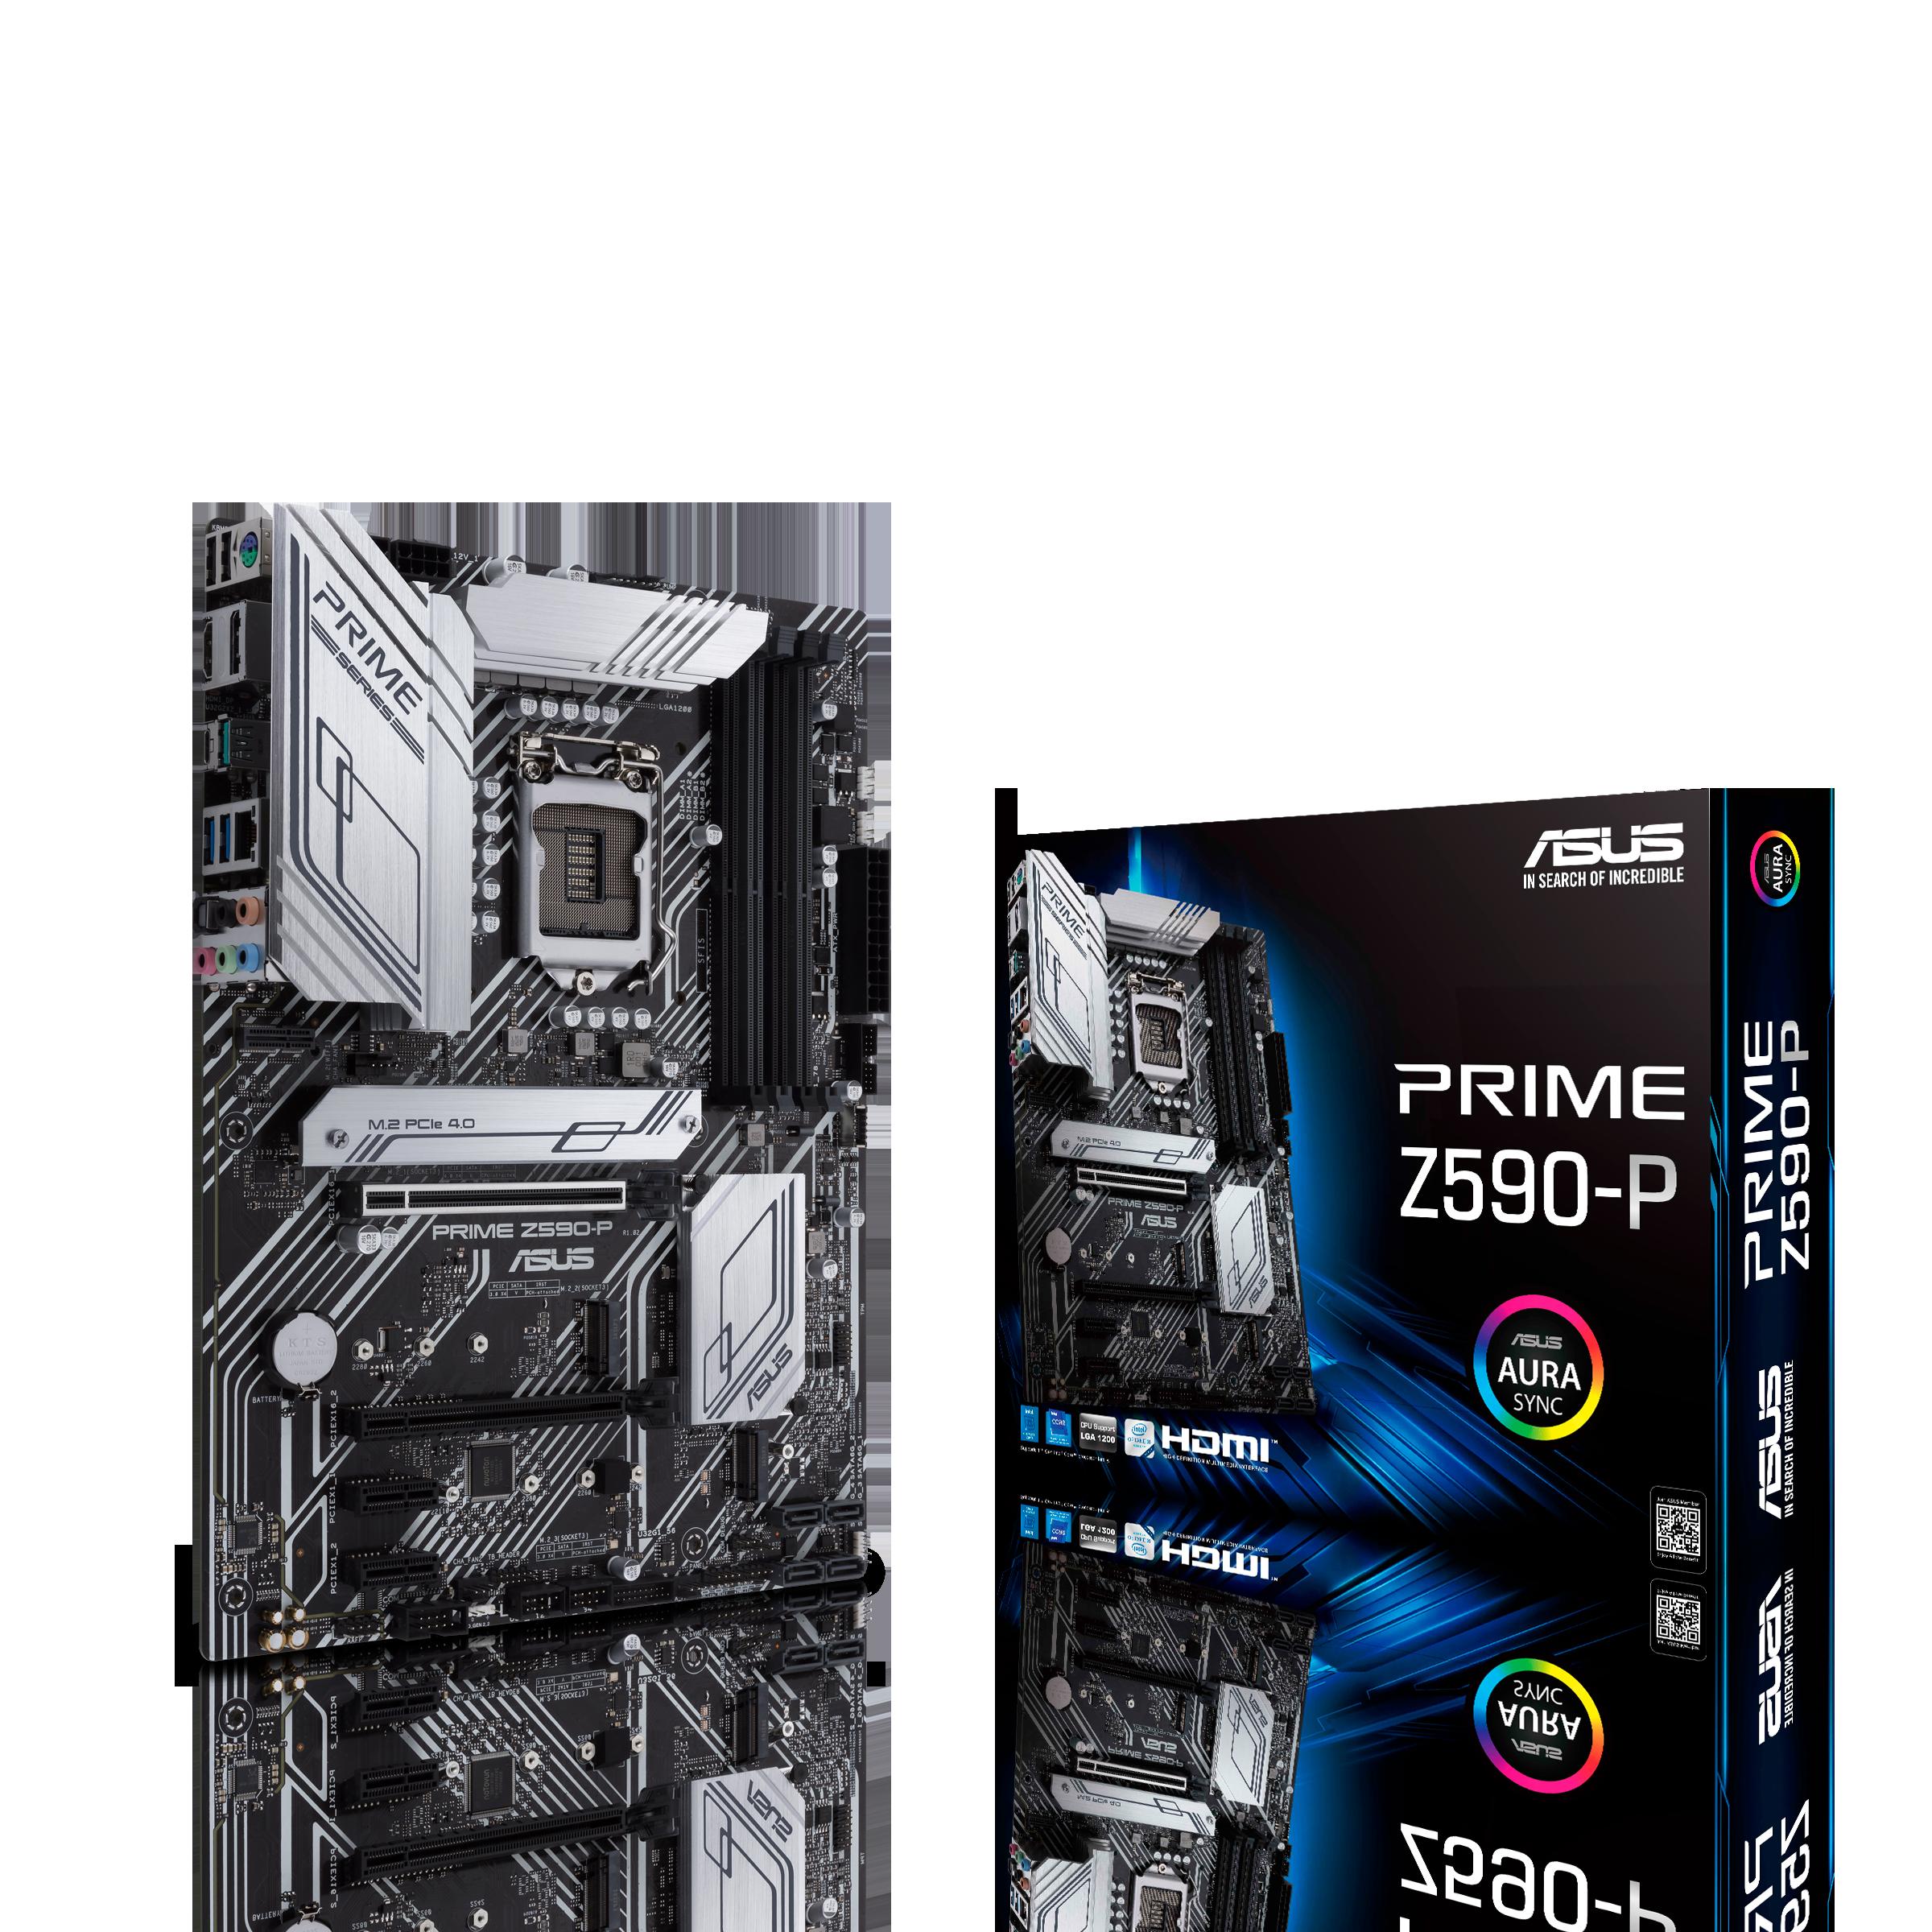 Placa de baza ASUS PRIME Z590-P Intel Z590, LGA1200, Dual DDR4 5133MHz, 1xPCI-E 4.0/3.0 x16, 1xPCI-E 3.0 x16 DP 1.4/HDMI 1.4b, USB3.2 Type-C, SATA RAID 6Gb/s, 3 x M.2 slots, 1x M.2 PCIe 4.0 x4, Intel Optane, SB 8-Ch., 2.5Gb Ethernet, AURA Sync